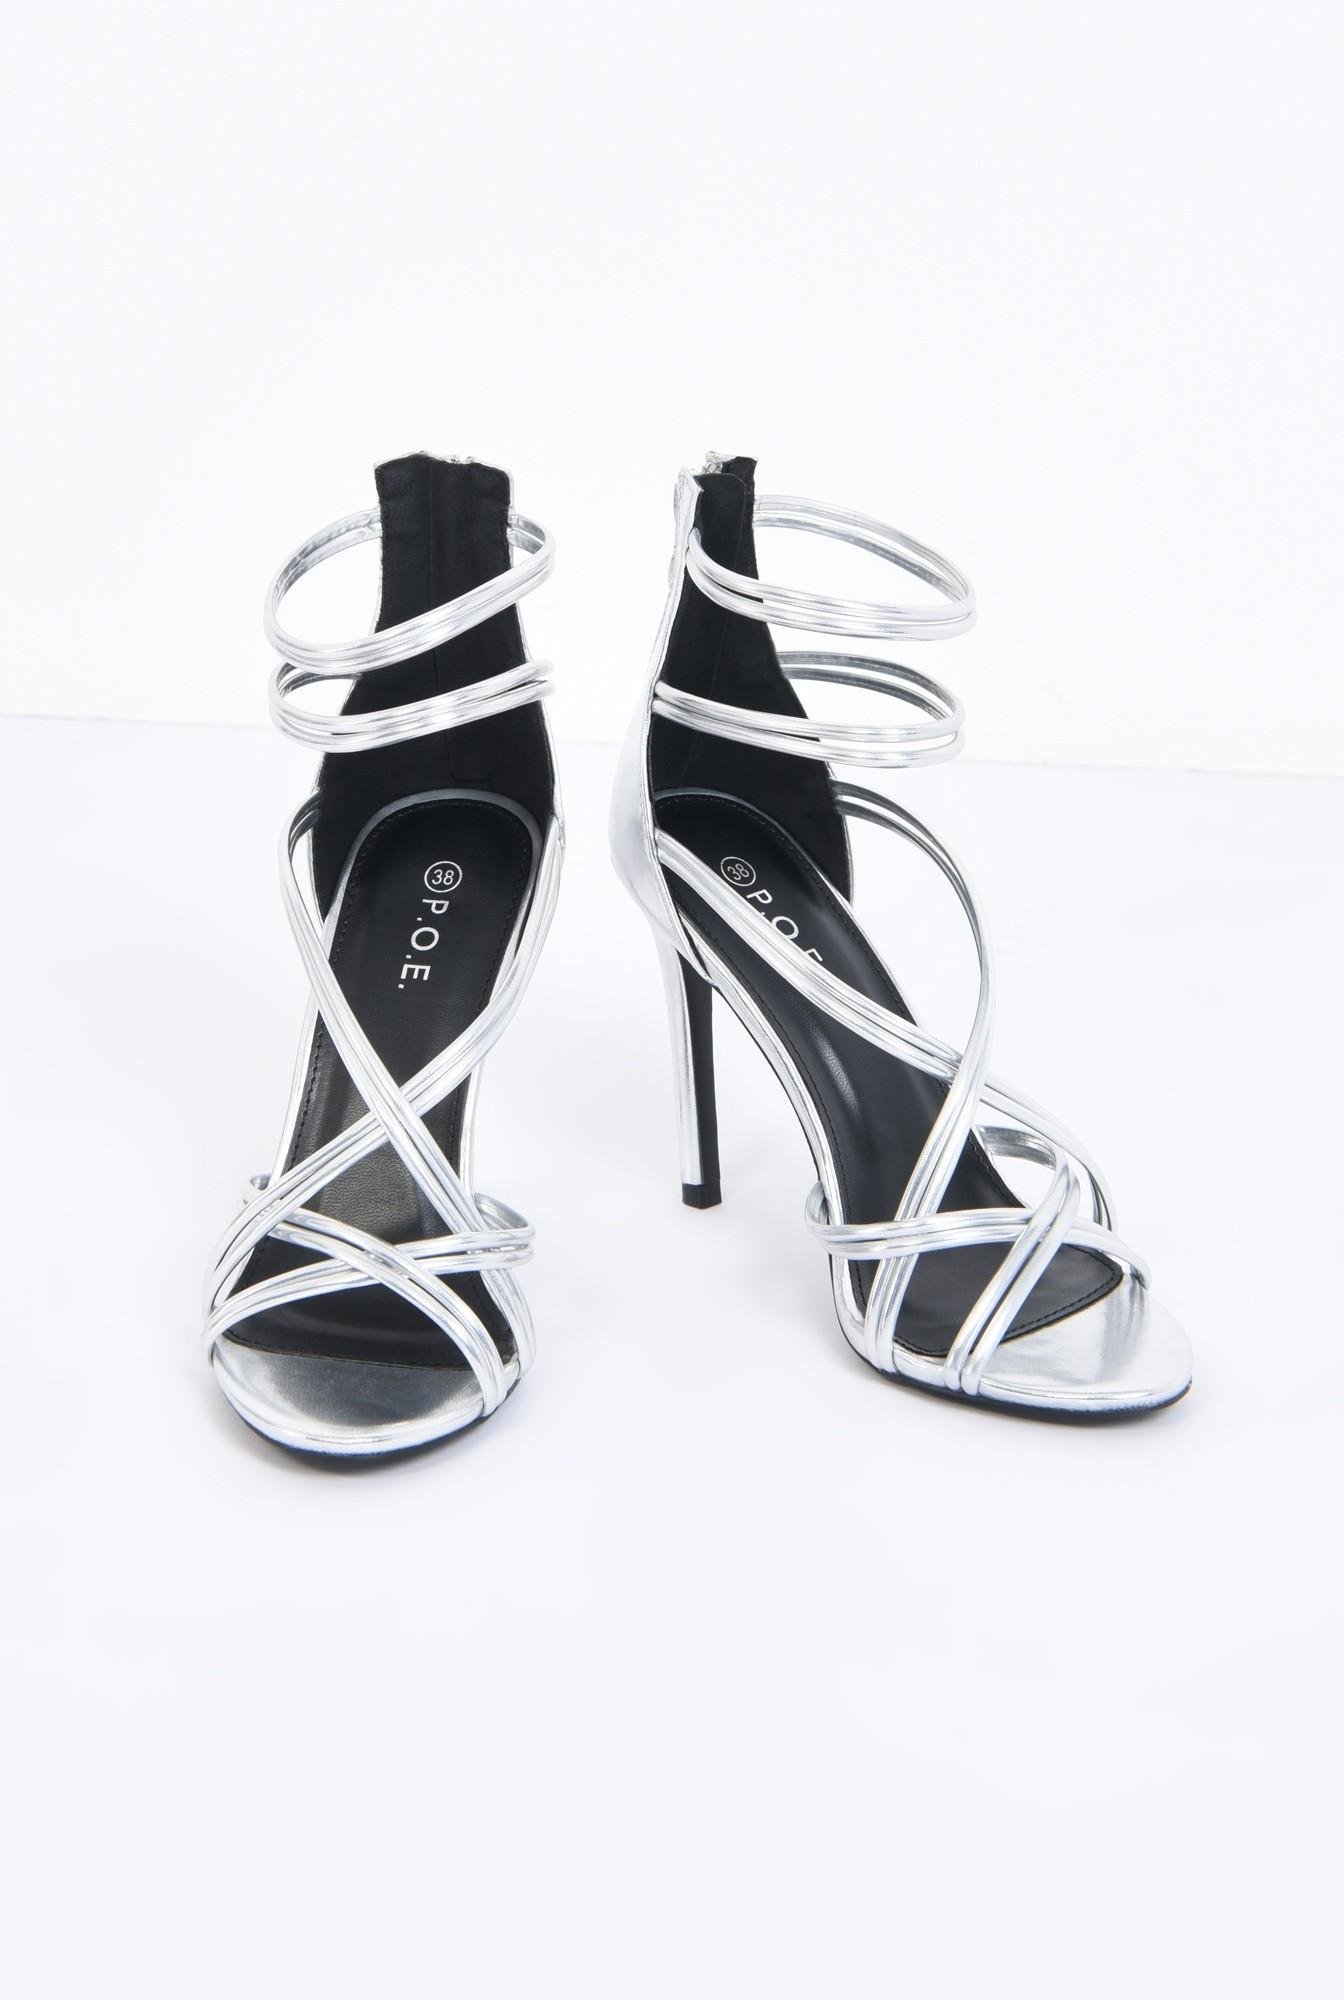 3 - sandale elegante, argintii, stiletto